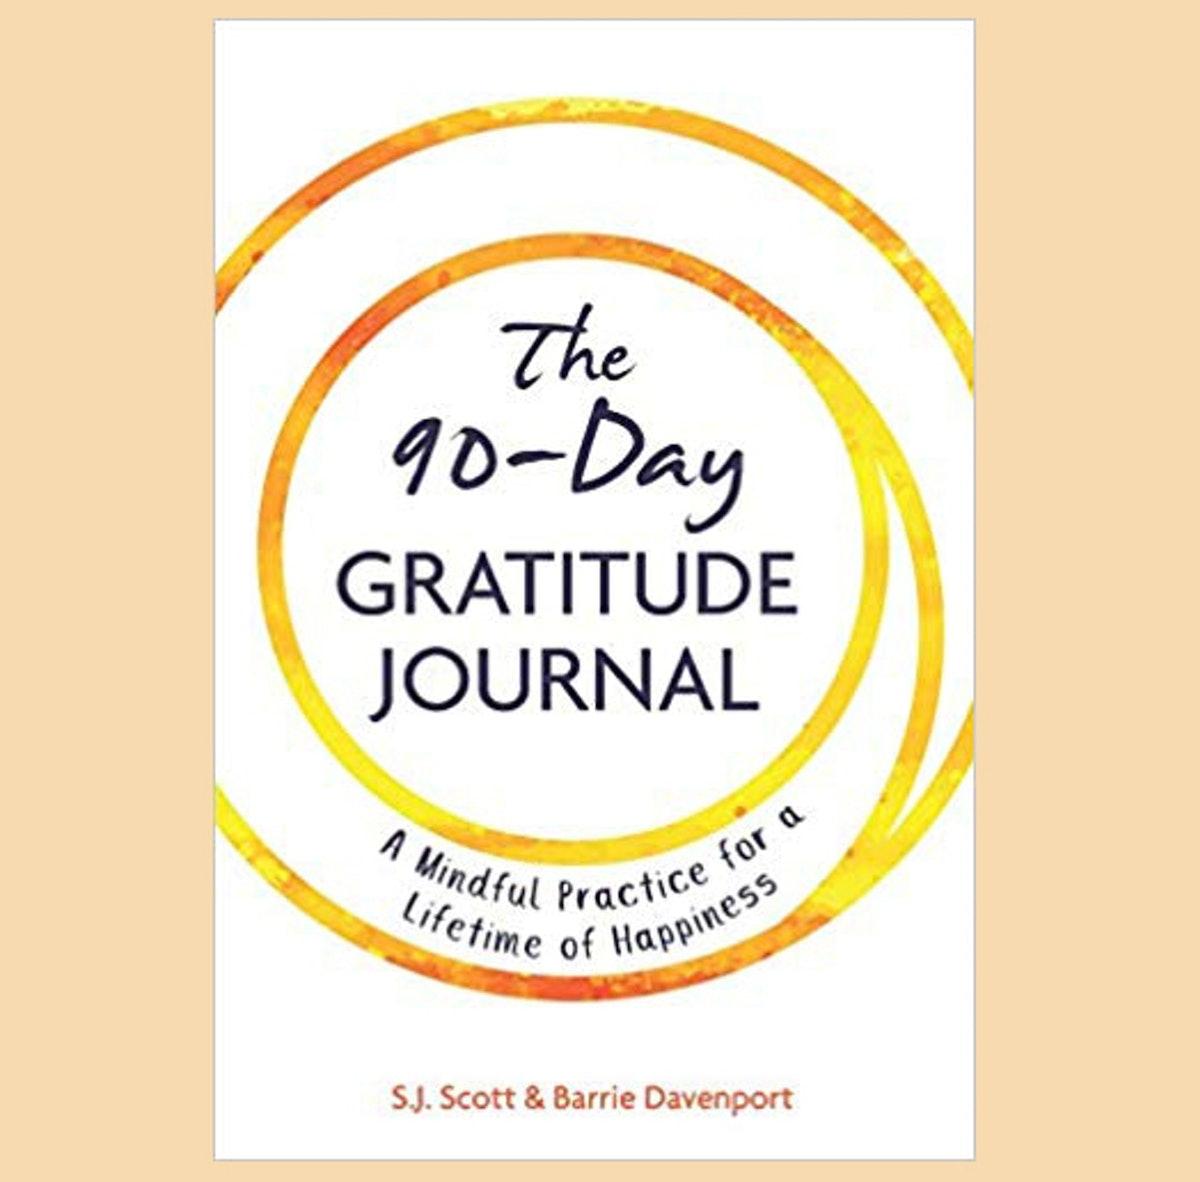 S.J. Scott 90-Day Gratitude Journal